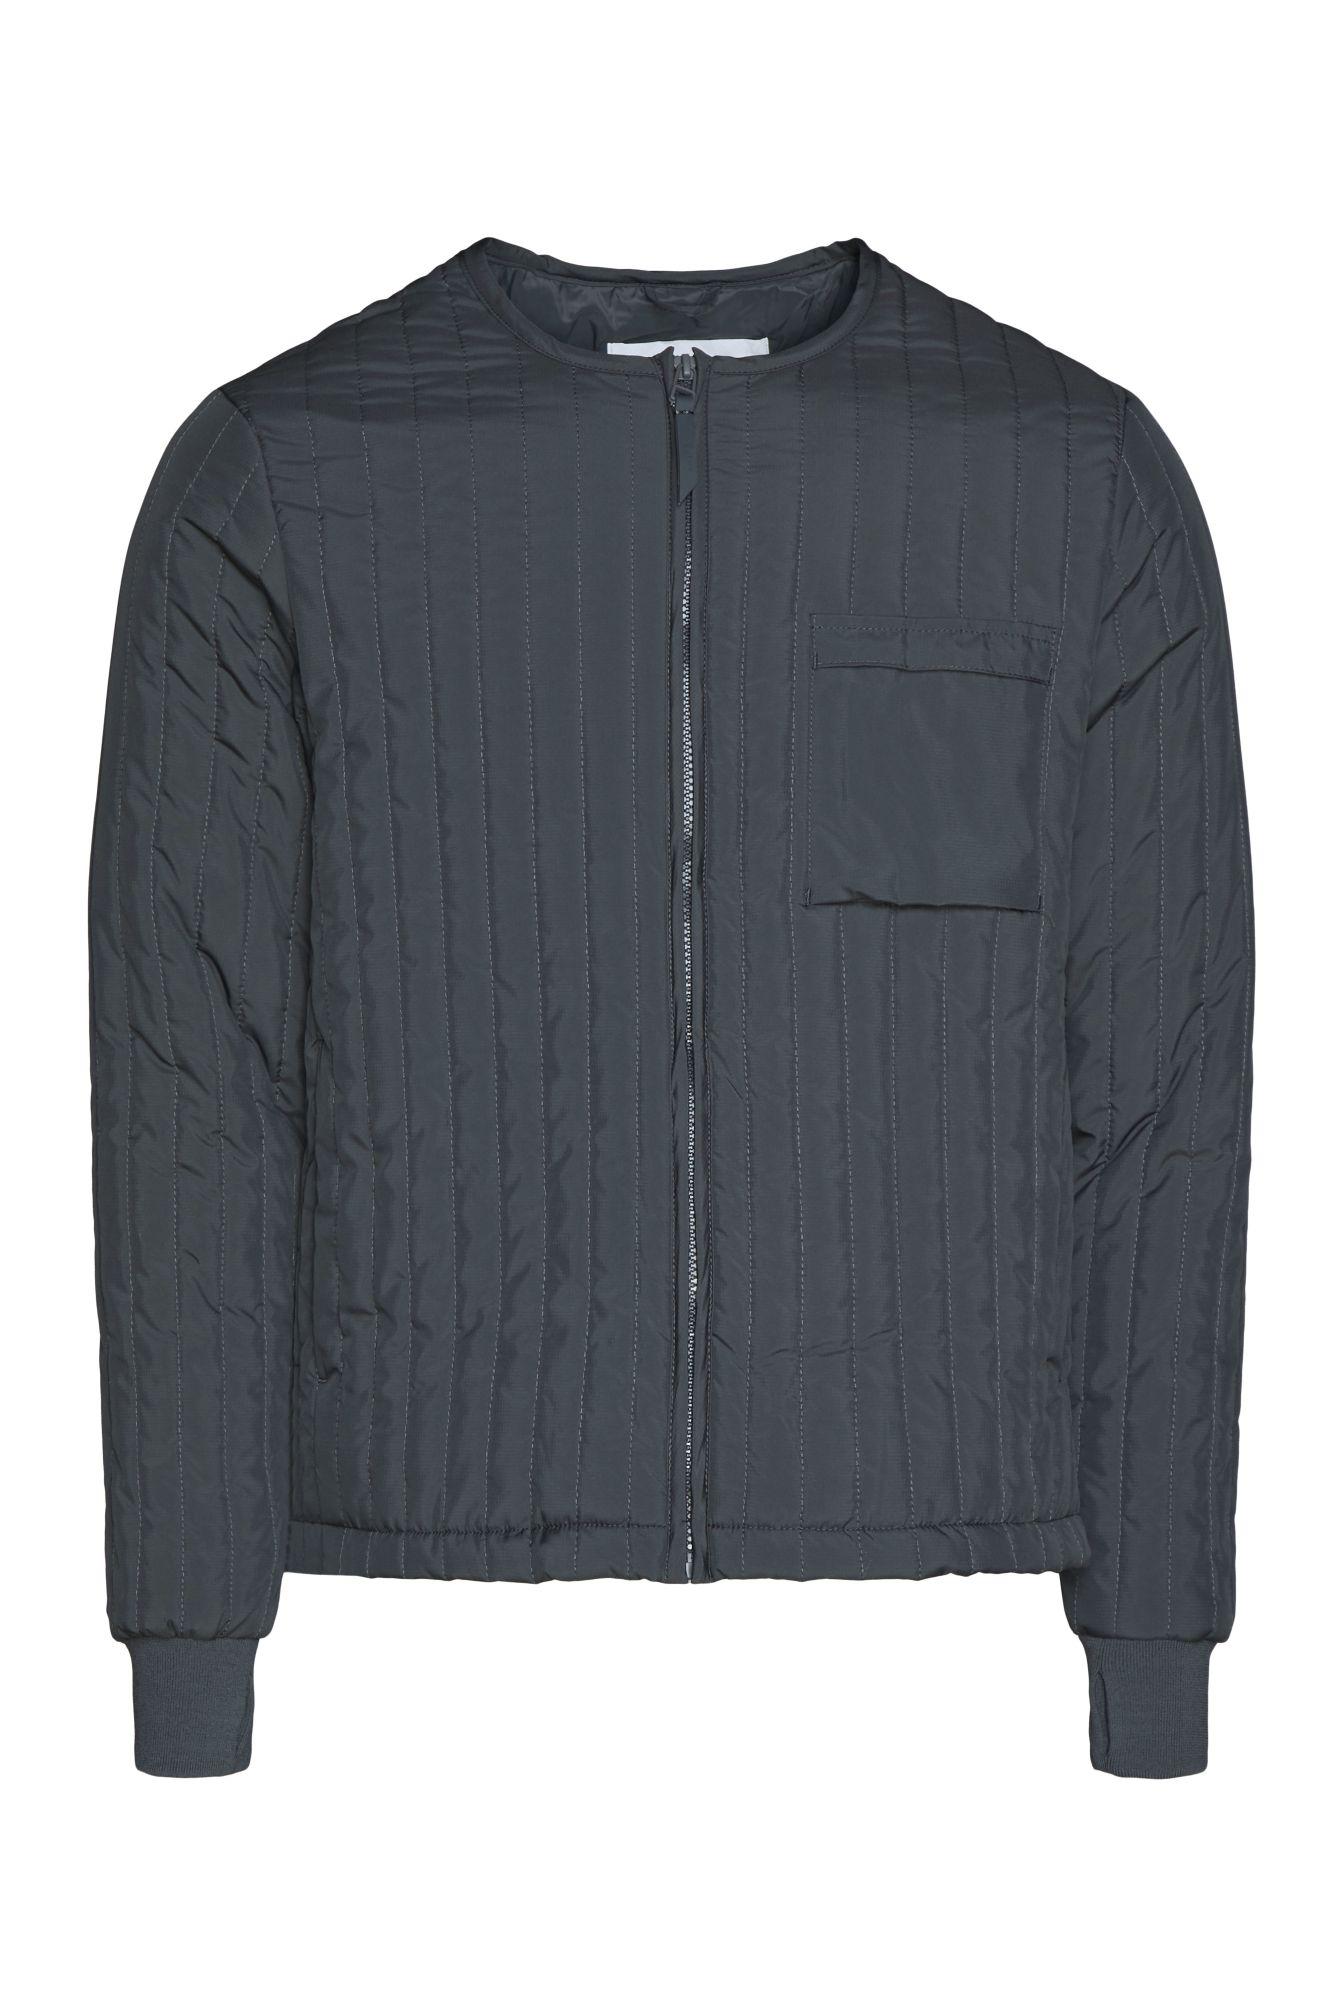 Rains Liner jakke, slate, xx-small/x-small